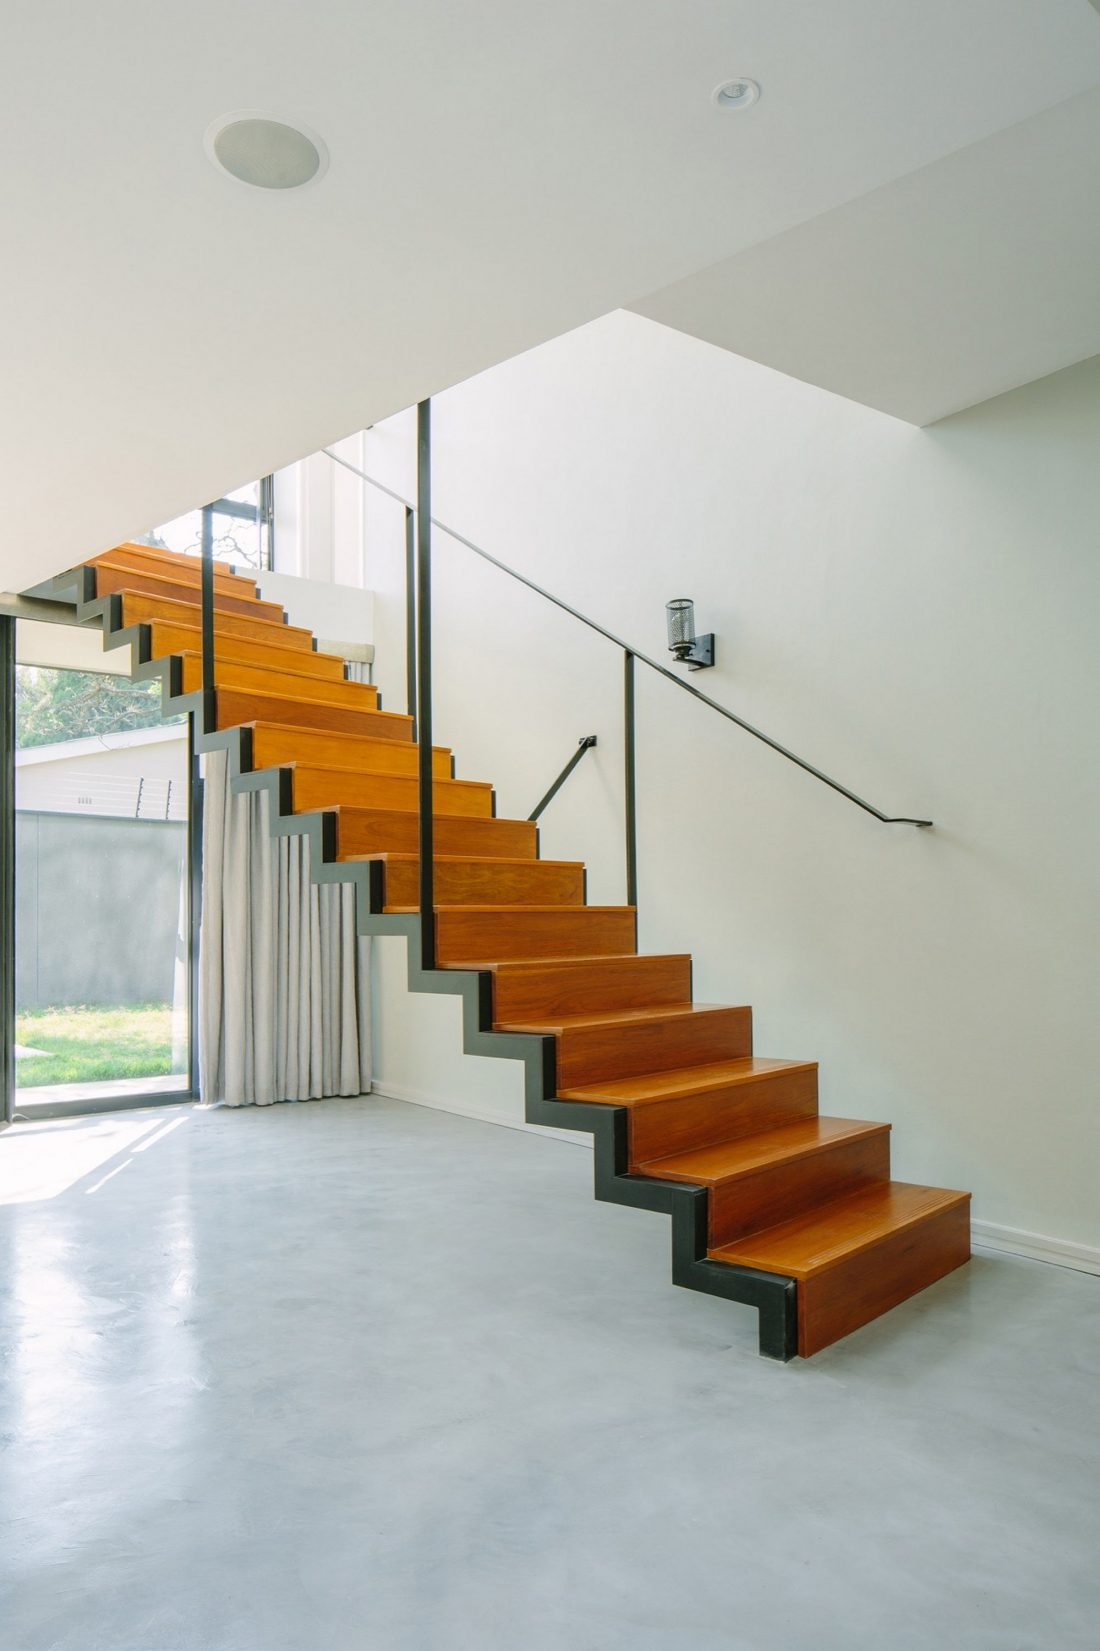 granitnyj-dom-komfortnoe-zhile-vysokaya-energoeffektivnost-11